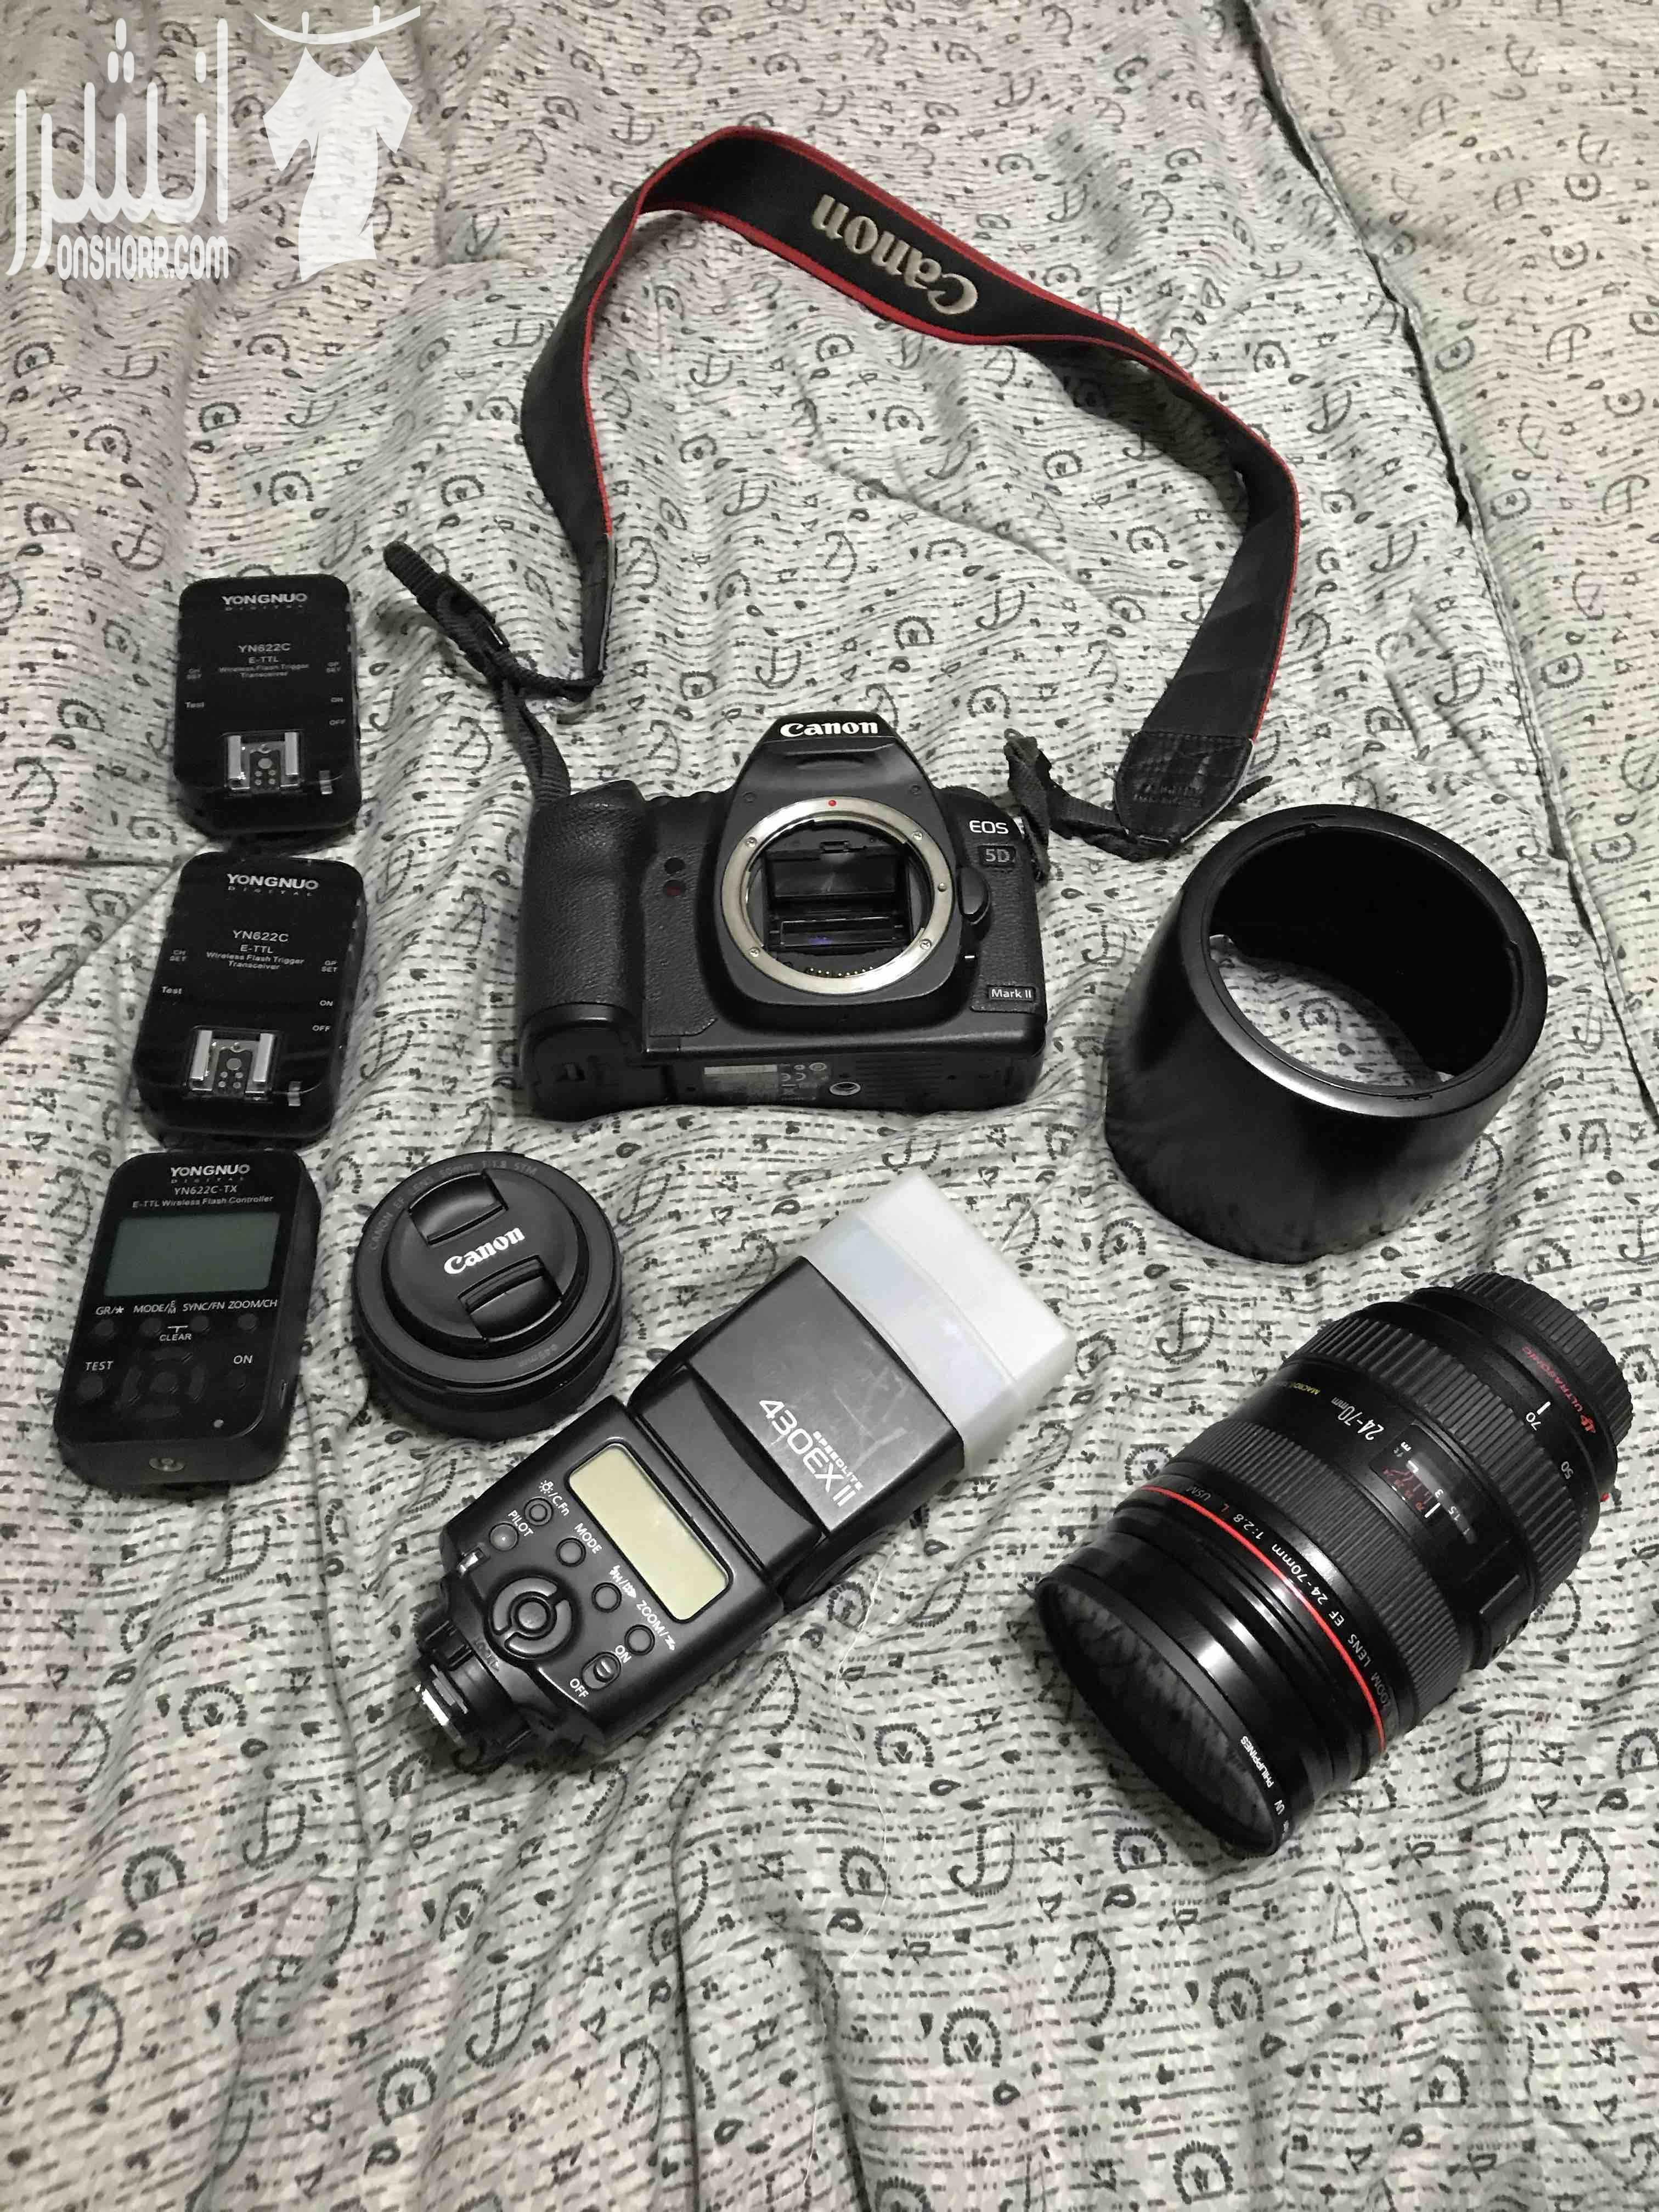 افضل واحدث جهاز كاشف للذهب gpx 5000 <br>جهاز gpx 5000 كاشف الذهب الخام القديم والكنوز الدفينة وال-  كاميرا canon 5Dmark2 <br>...